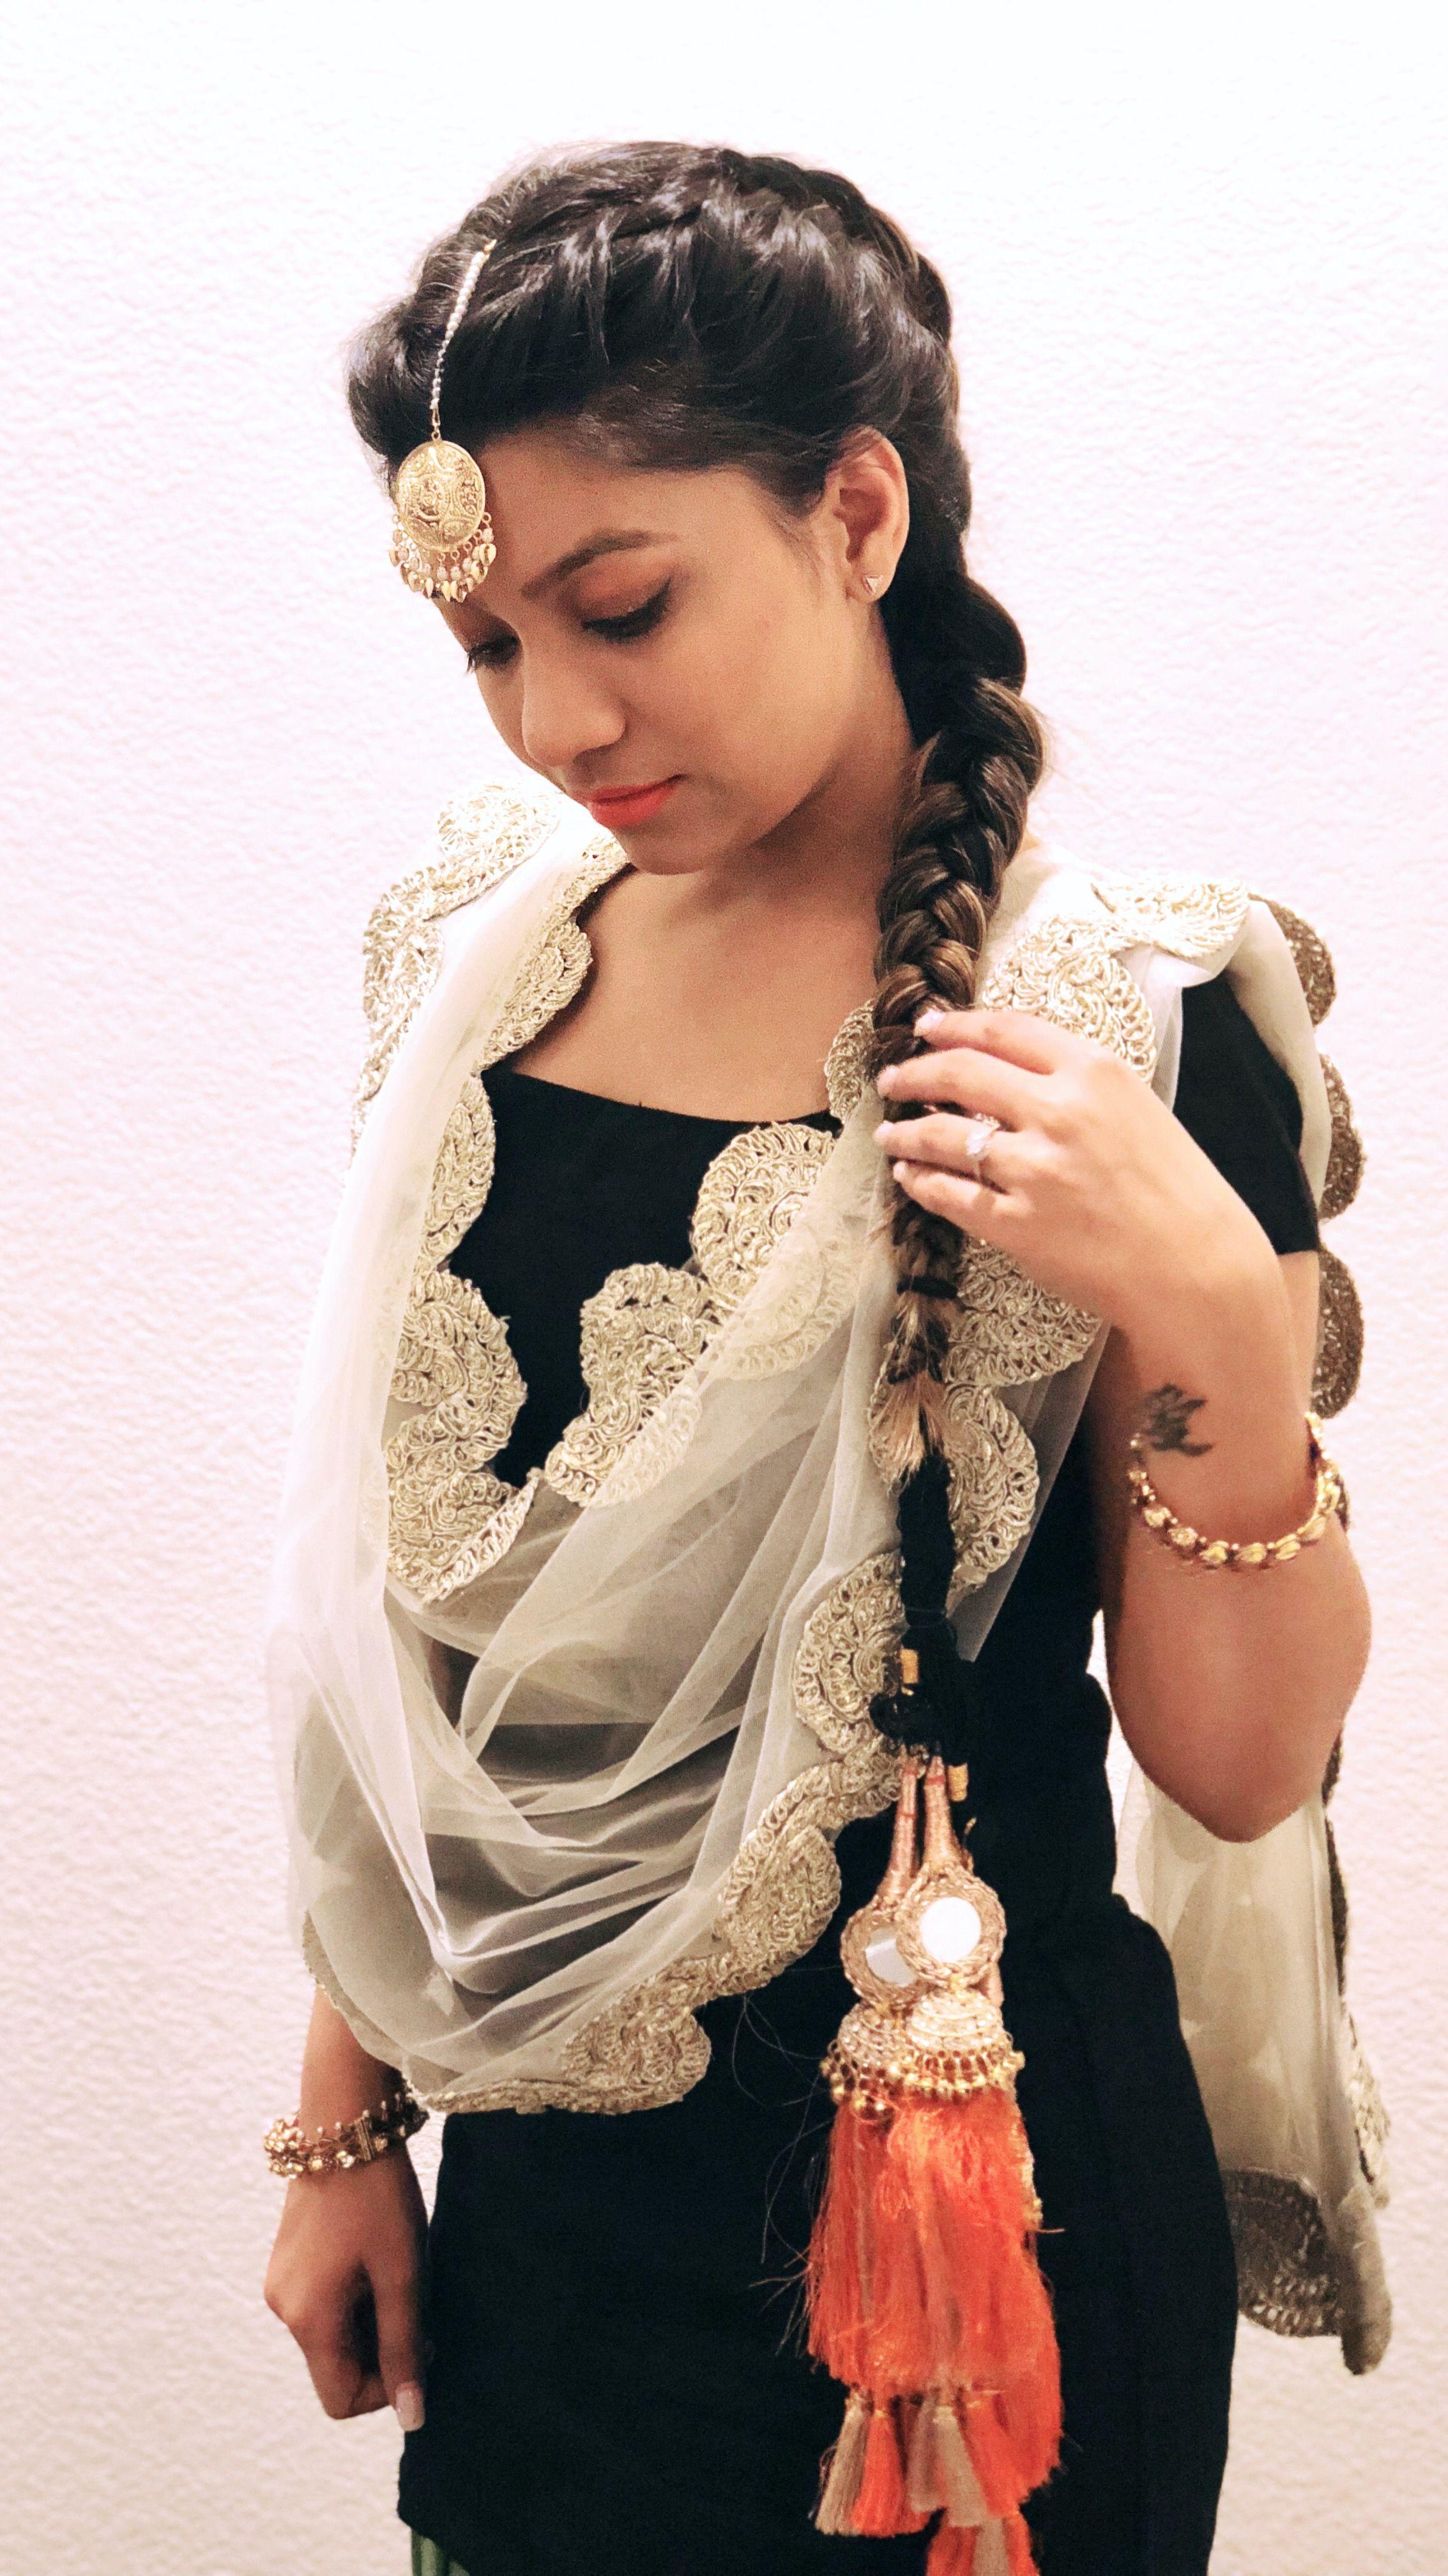 patiala suit, parandi te tikka | punjabi hairstyles, indian